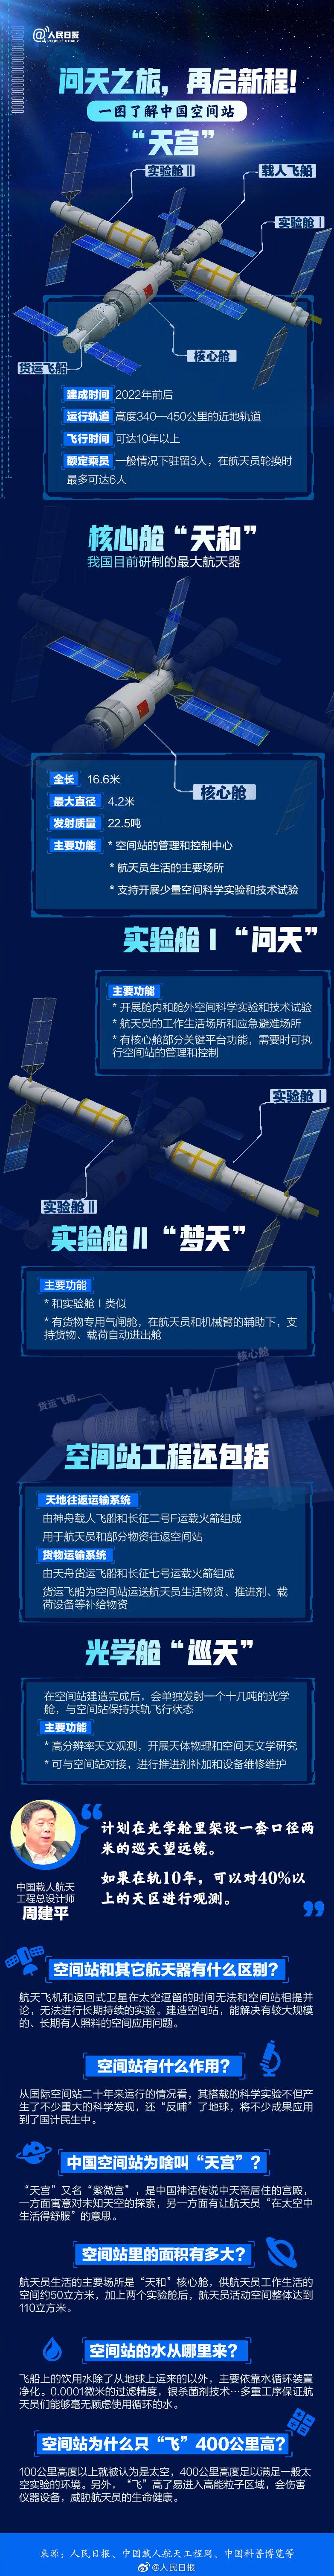 空间站天和核心舱将于今天发射-玩懂手机网 - 玩懂手机第一手的手机资讯网(www.wdshouji.com)